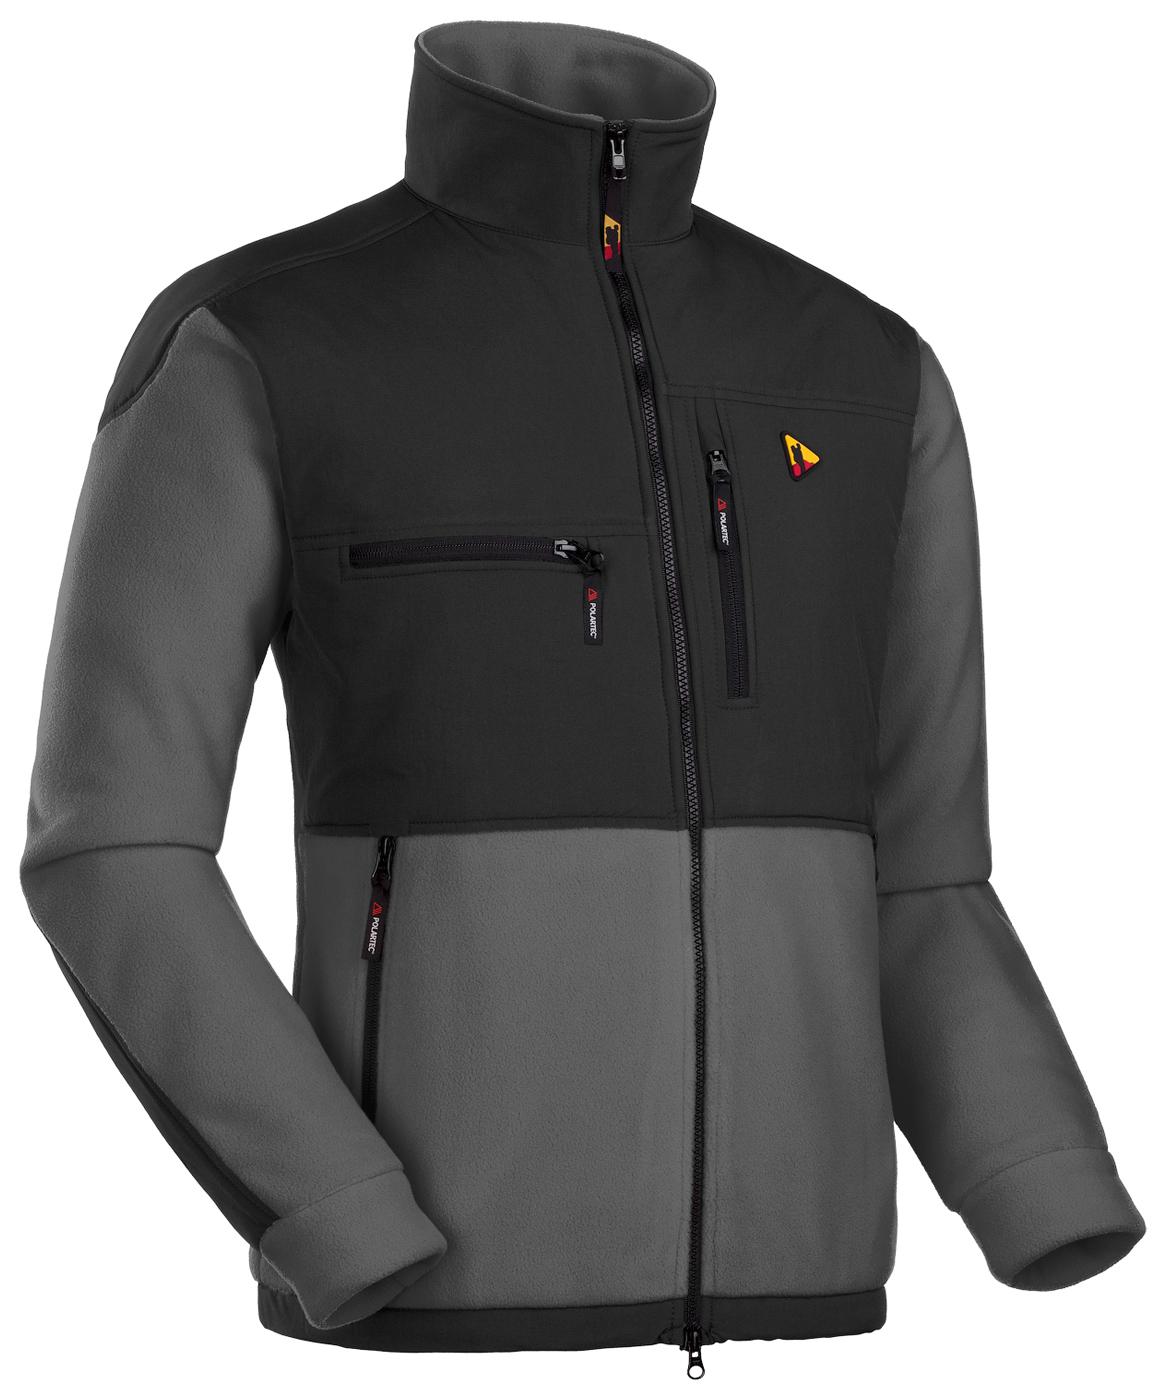 Куртка мужская Bask Stewart V2, темно-серая, XXL INT